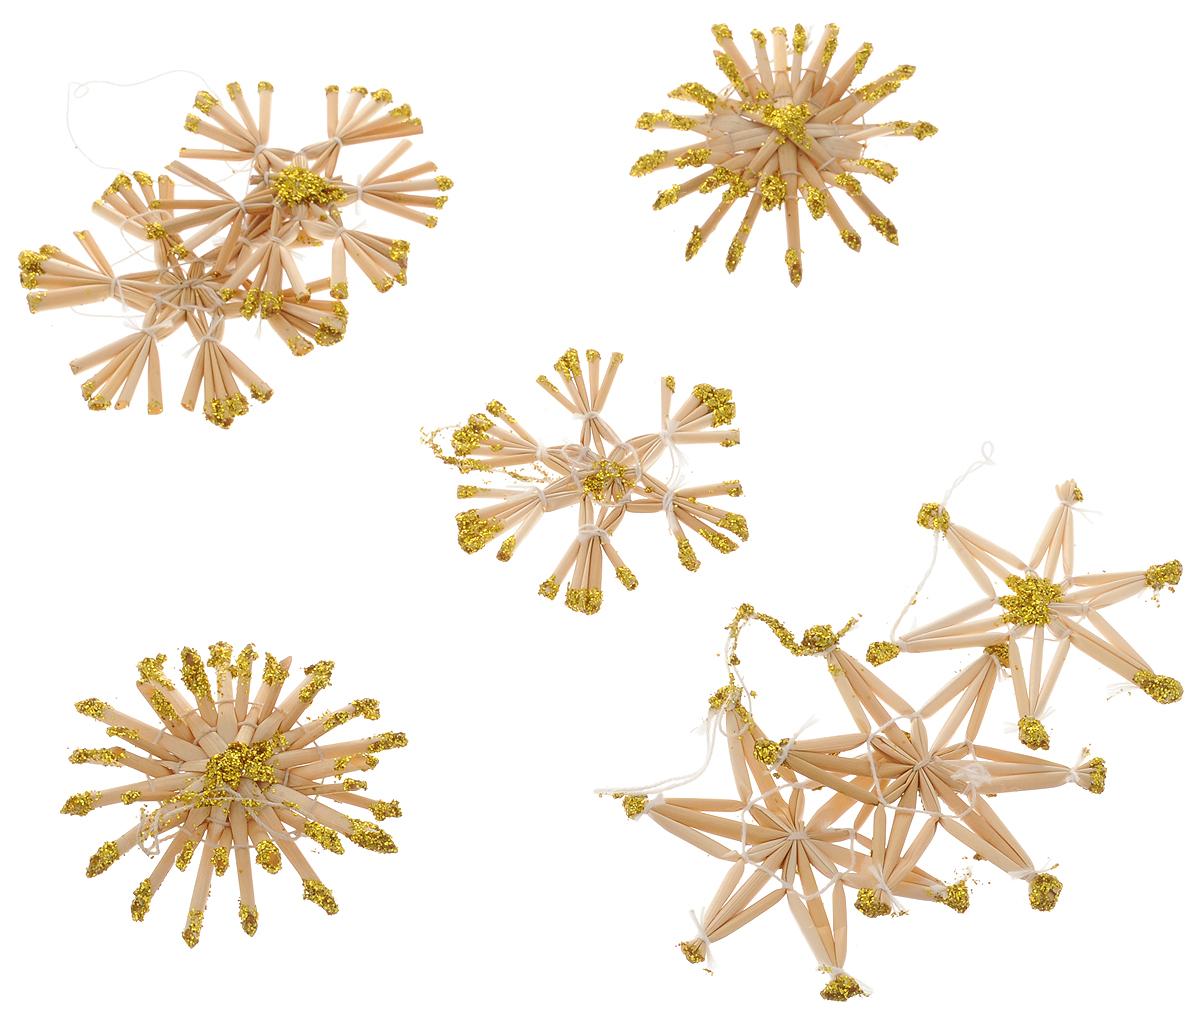 Набор новогодних подвесных украшений Magic Time Снежинки, 8 шт38193Набор новогодних подвесных украшений Magic Time Снежинки выполнен из соломы и украшен блестками. Набор представляет собой 8 елочных украшений в виде снежинок. С помощью специальной петельки украшение можно повесить в любом понравившемся вам месте. Но, конечно, удачнее всего оно будет смотреться на праздничной елке. Набор упакован в красивую коробку, что может сделать его отличным подарком.Елочная игрушка - символ Нового года. Она несет в себе волшебство и красоту праздника. Создайте в своем доме атмосферу веселья и радости, украшая новогоднюю елку нарядными игрушками, которые будут из года в год накапливать теплоту воспоминаний.Материал: солома, лак, текстиль.Размер коробки: 13 х 13 х 2,5 см.Диаметр снежинок: 5,5 см; 6 см.